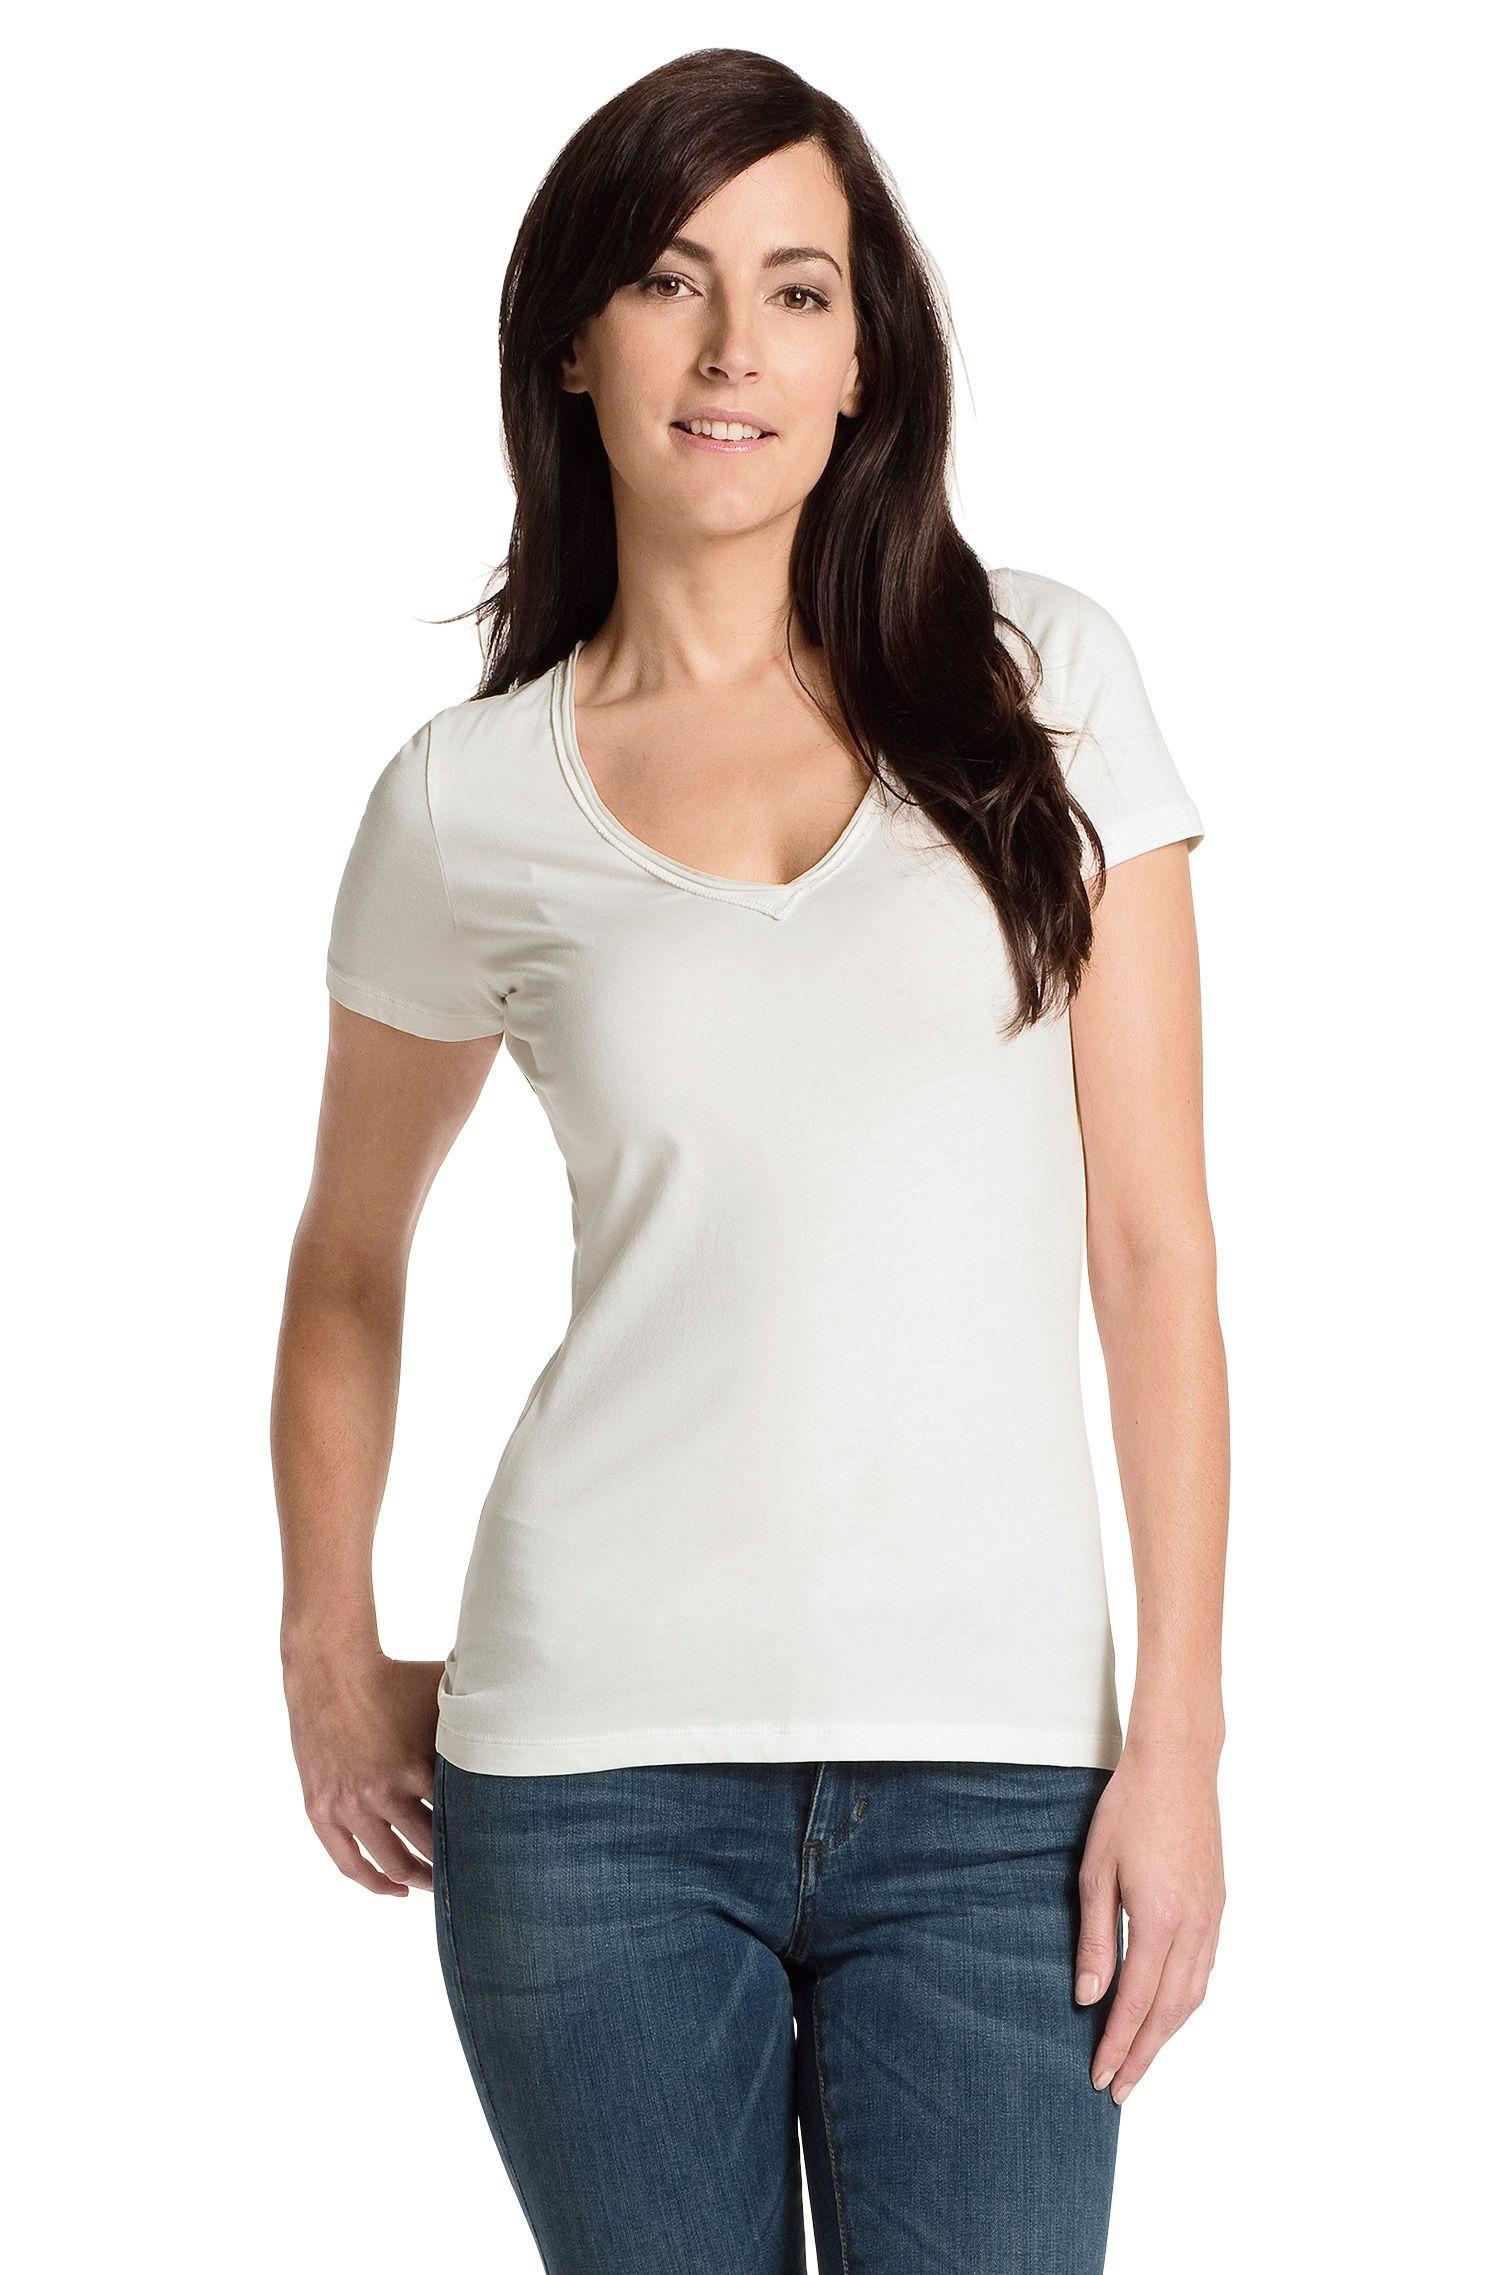 T-shirt en coton mélangé, Vienis